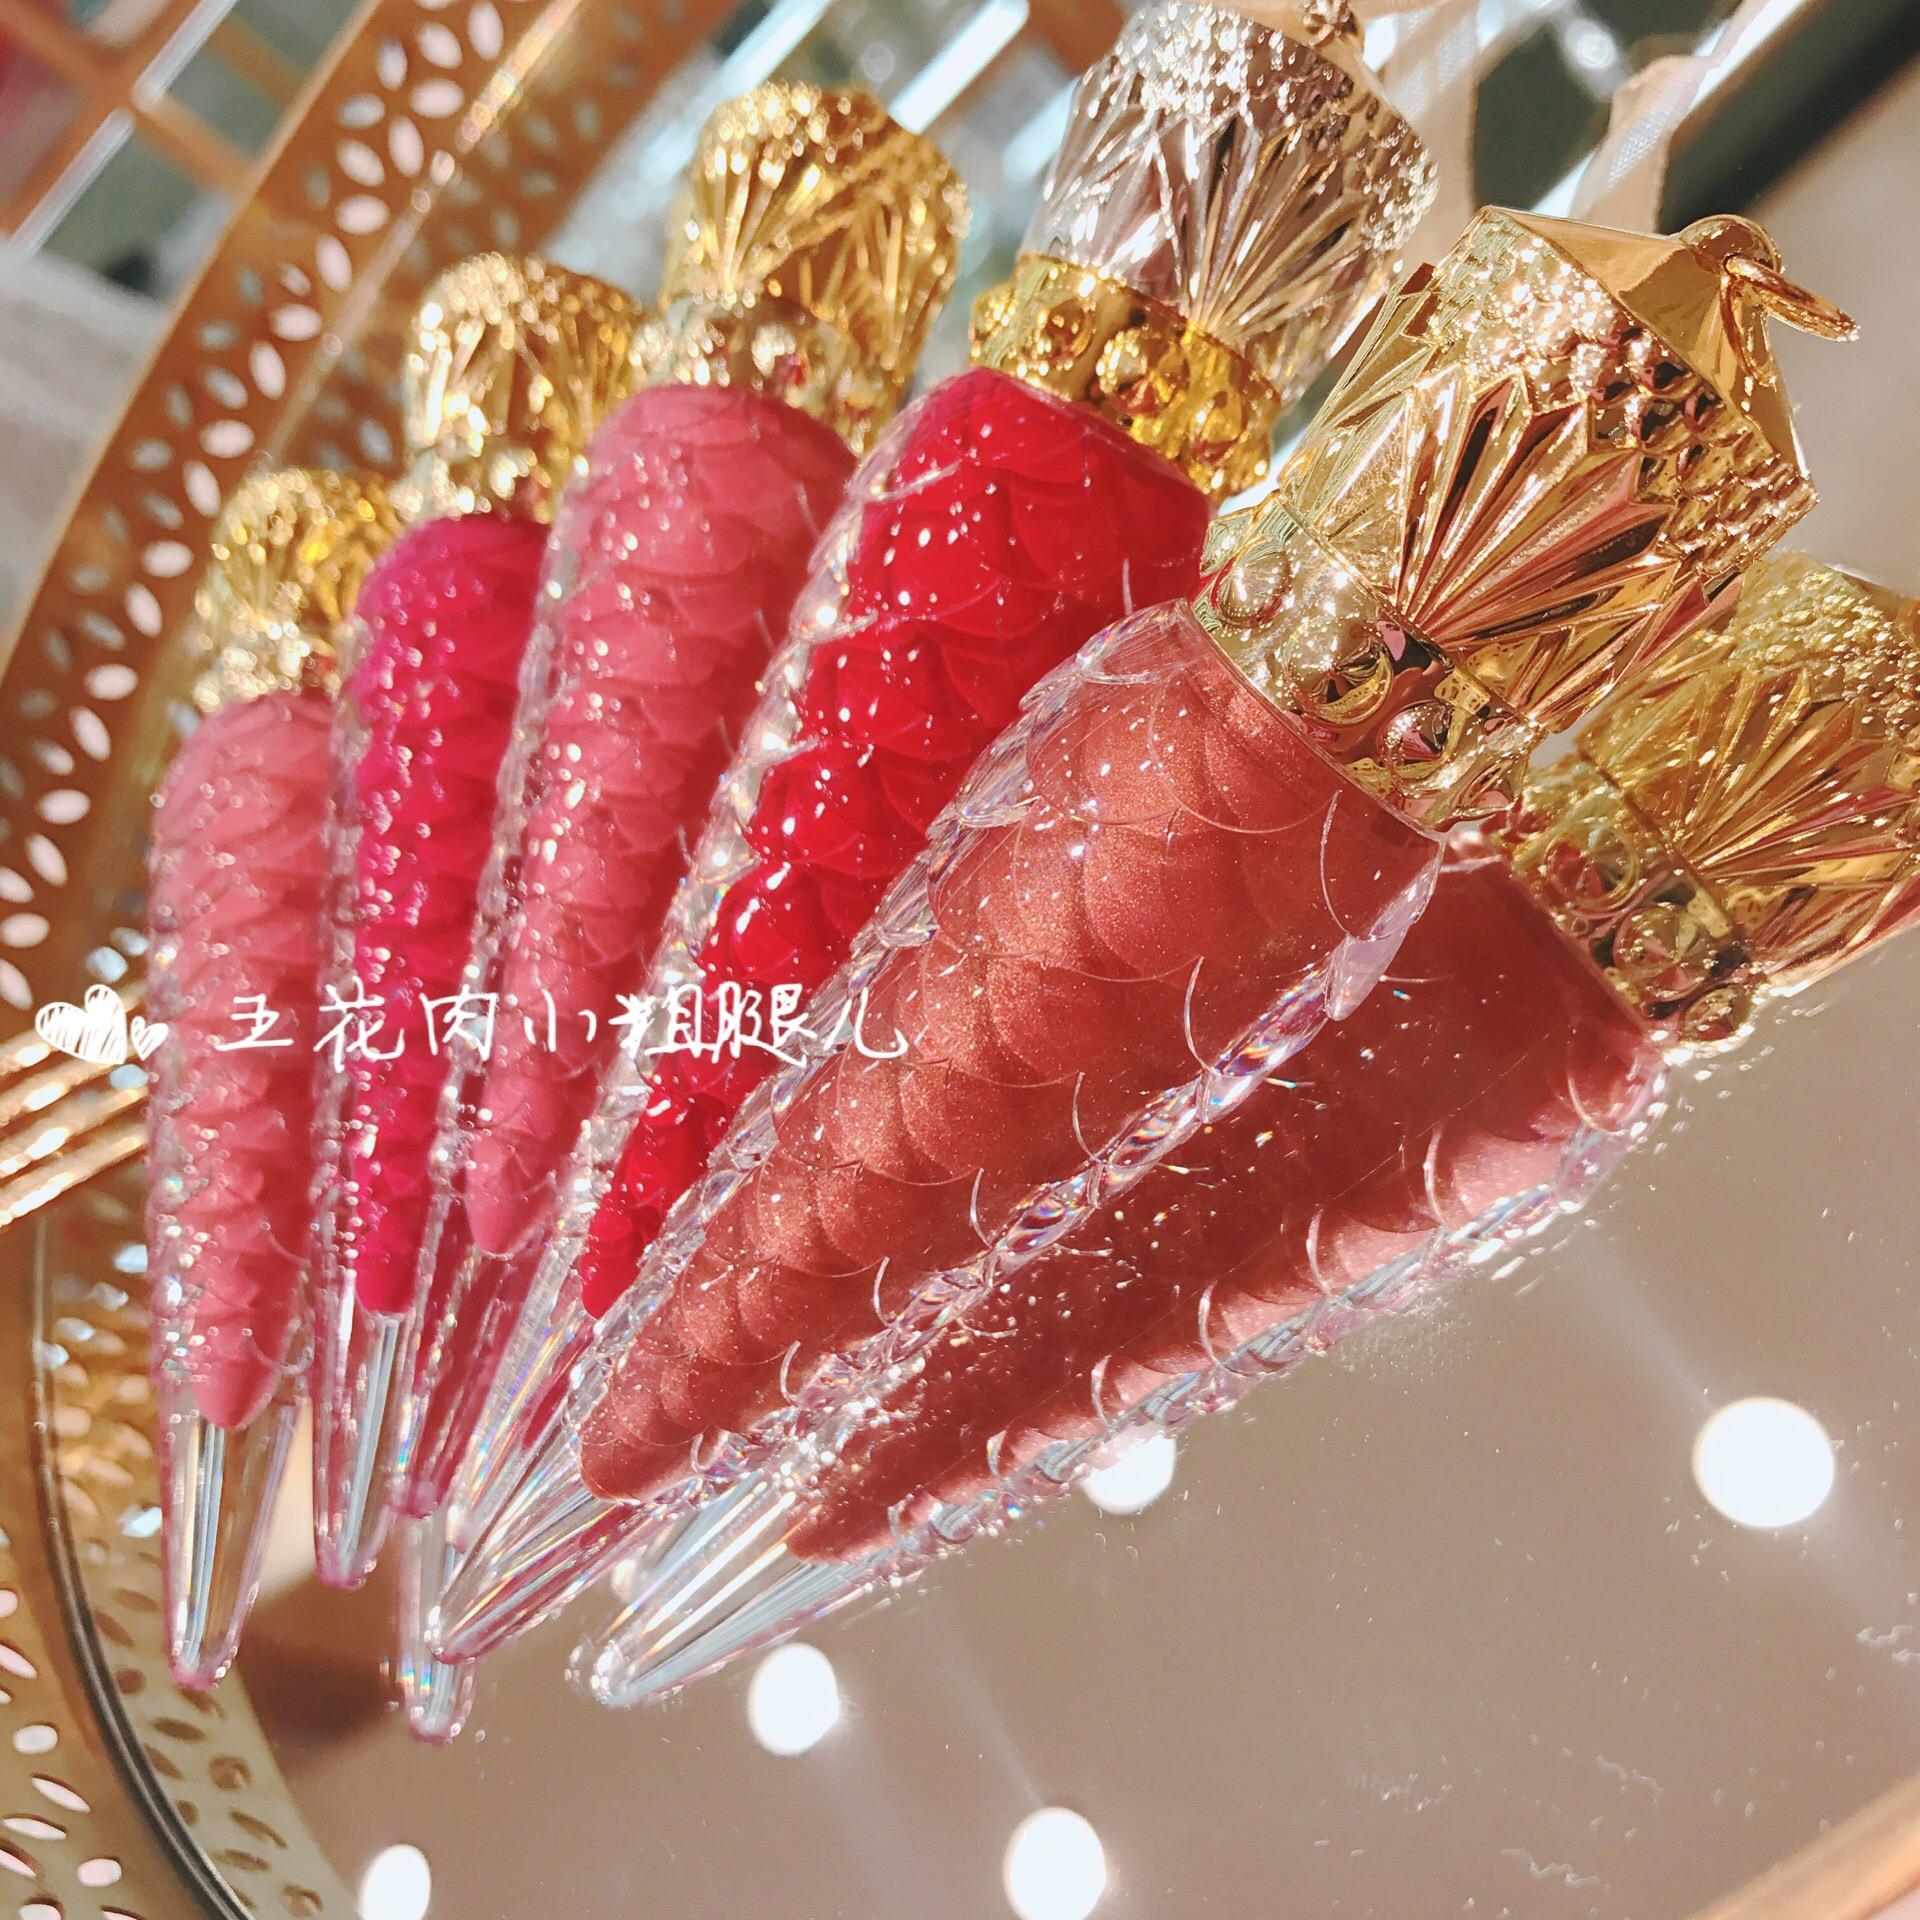 正品Christina Louboutin CL萝卜丁圣诞限量女王权杖红管唇釉唇膏